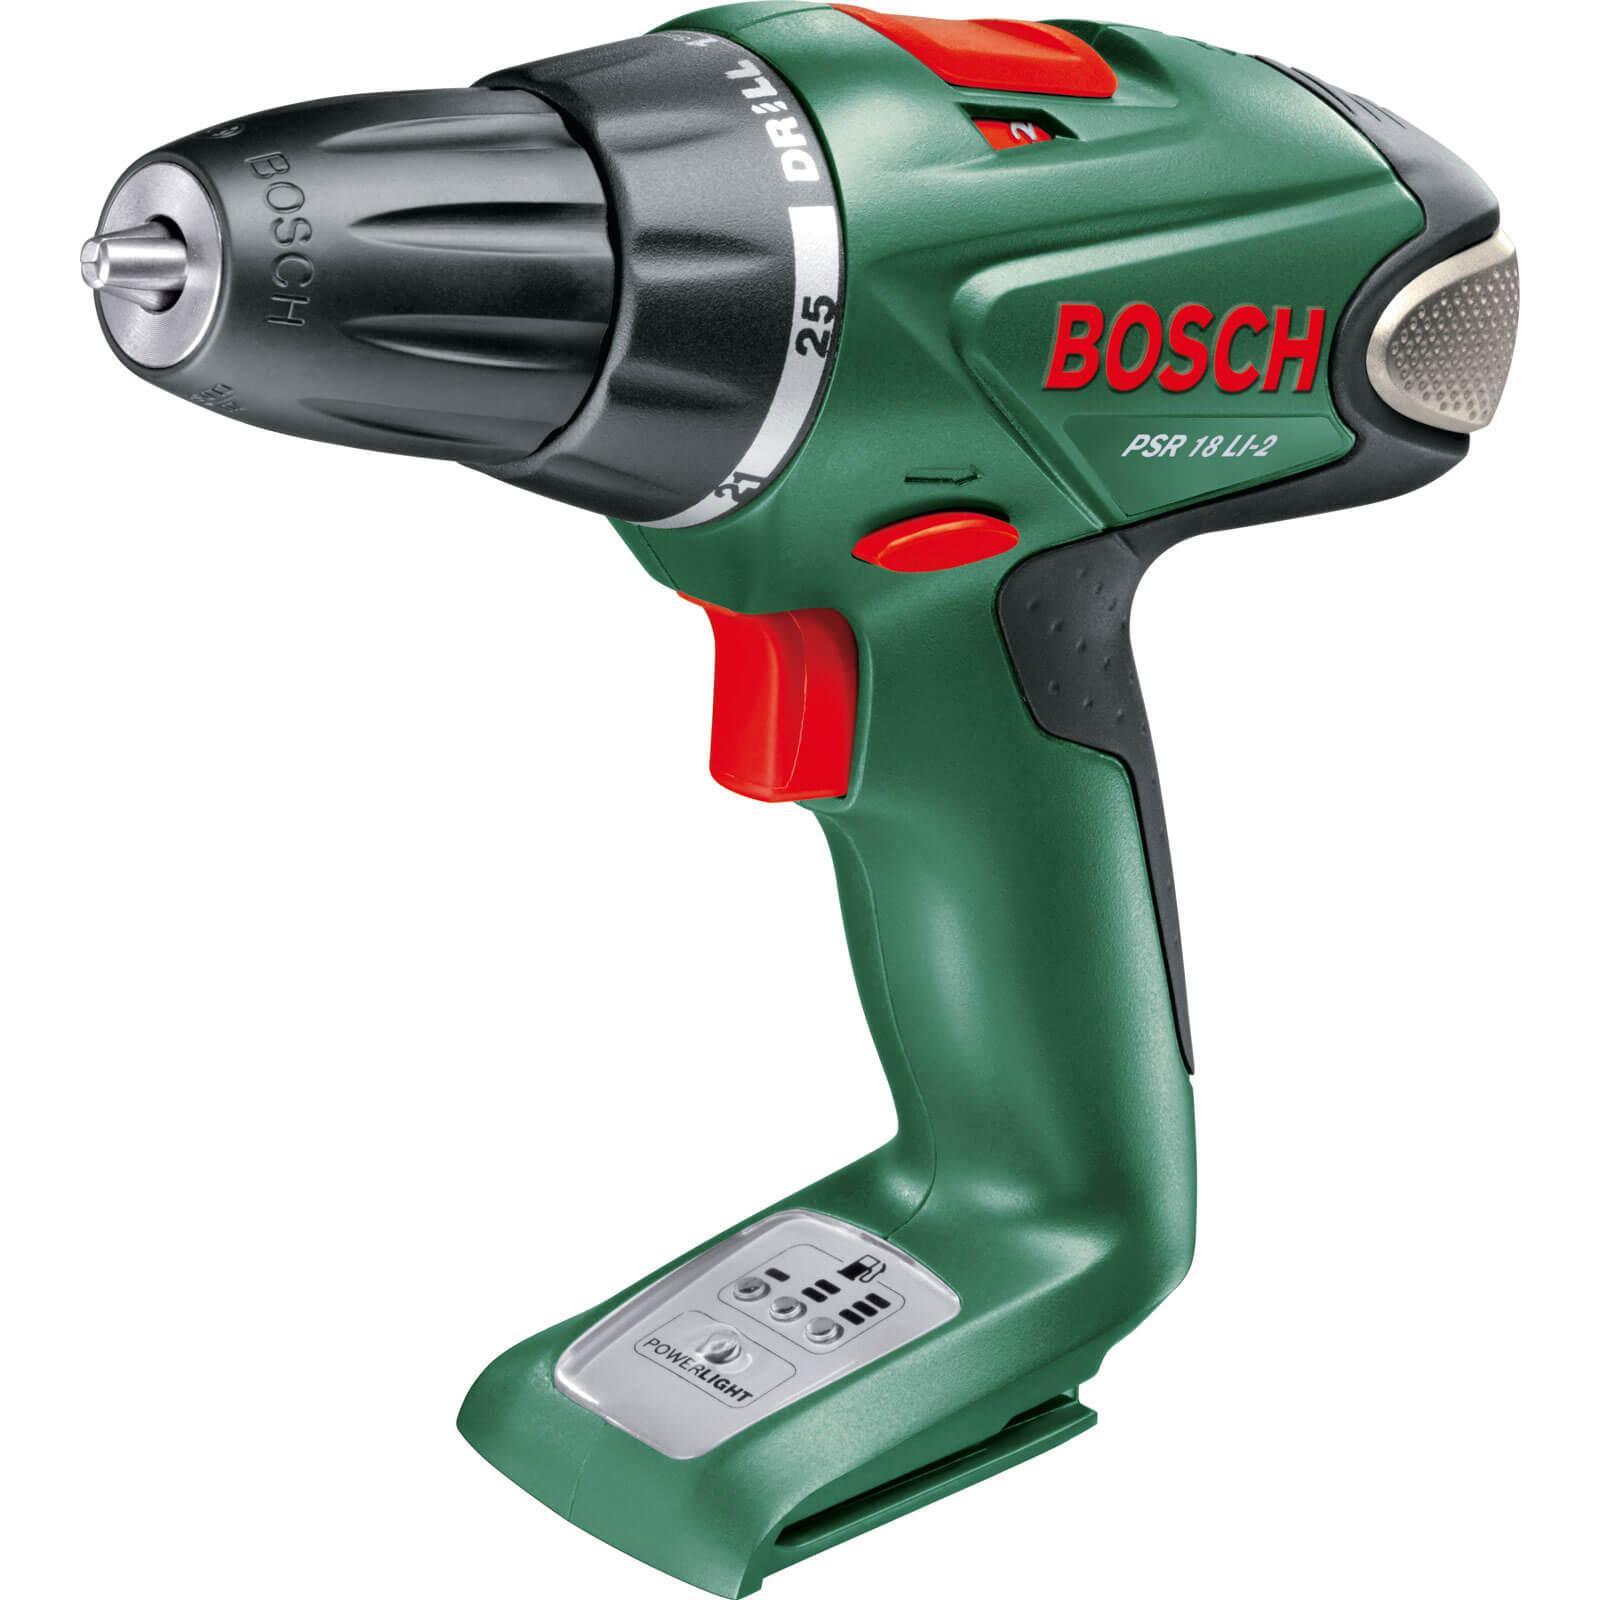 Bosch PSR 18 LI2 18v Cordless Drill Driver No Batteries No Charger No Case